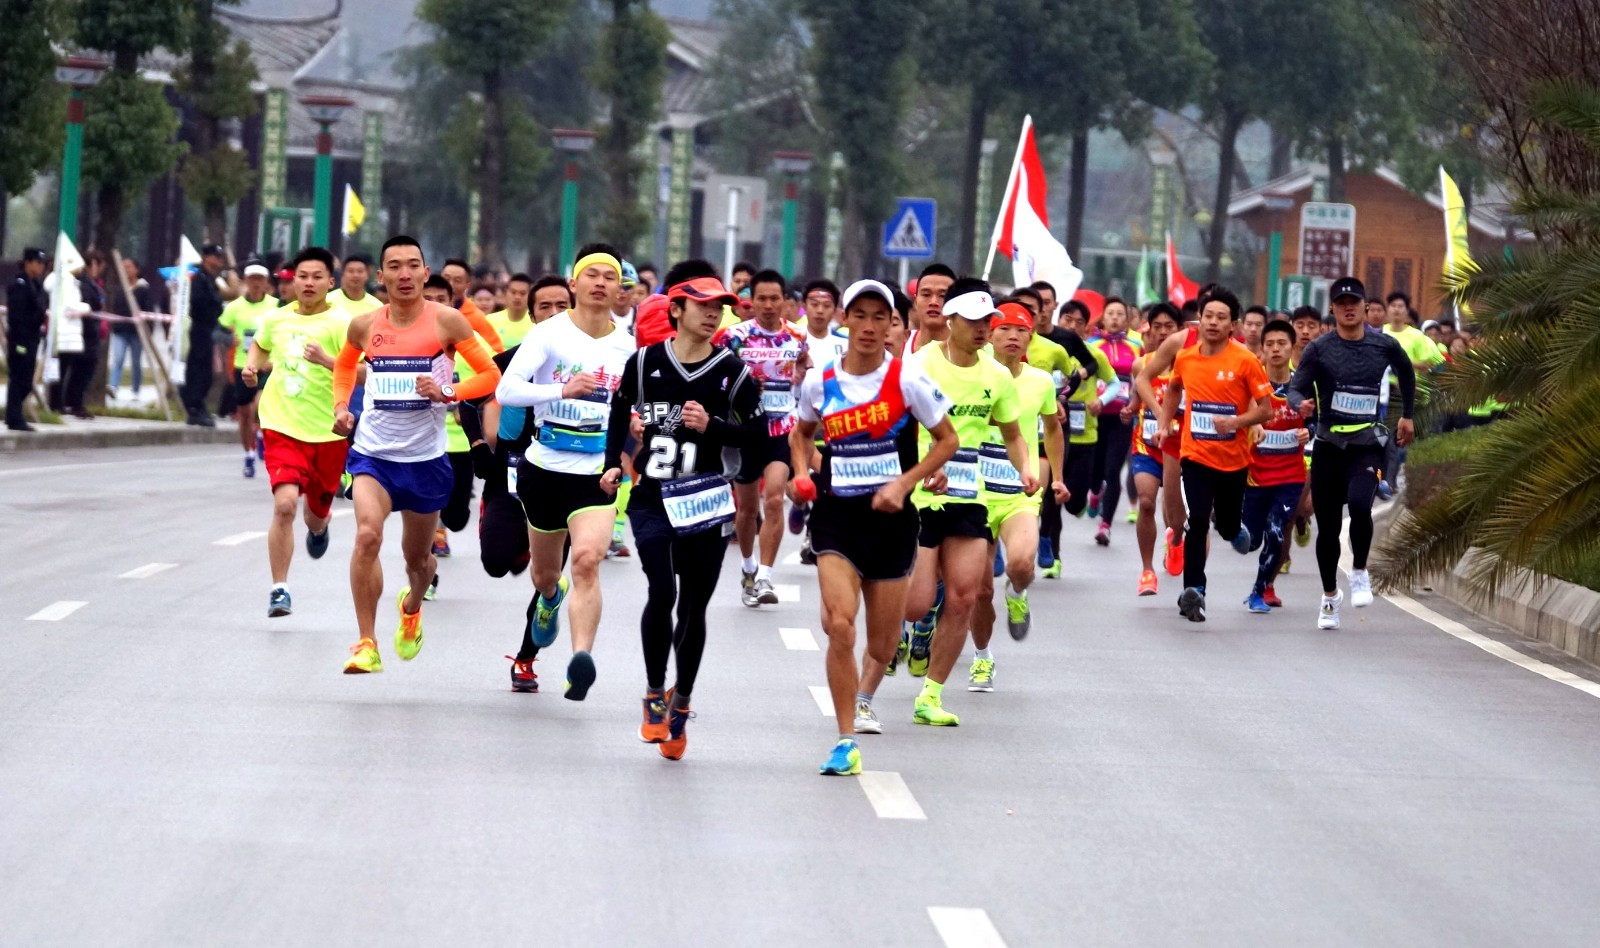 体育总局印发加强体育赛事活动监管意见,建议对全国所有赛事实行等级评定